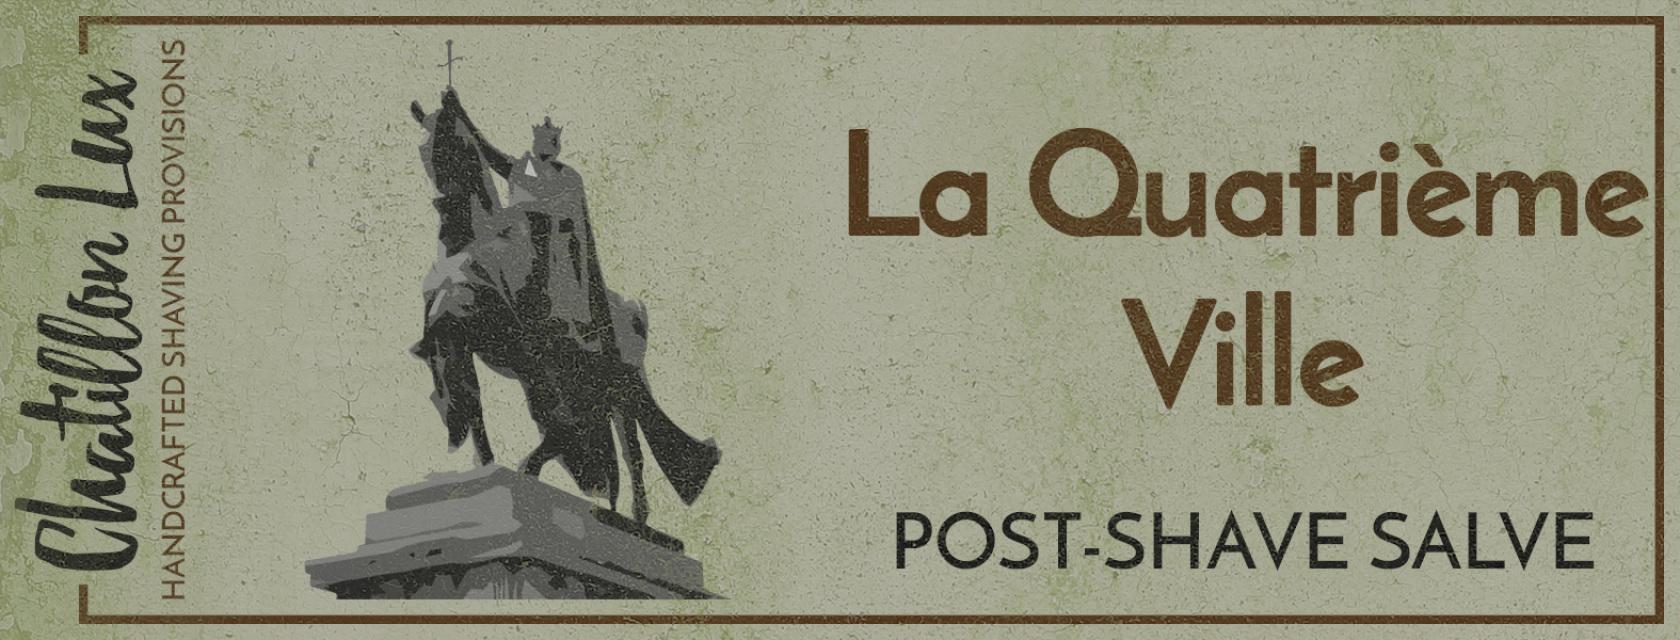 Chatillon Lux - La Quatrième Ville - Salve image